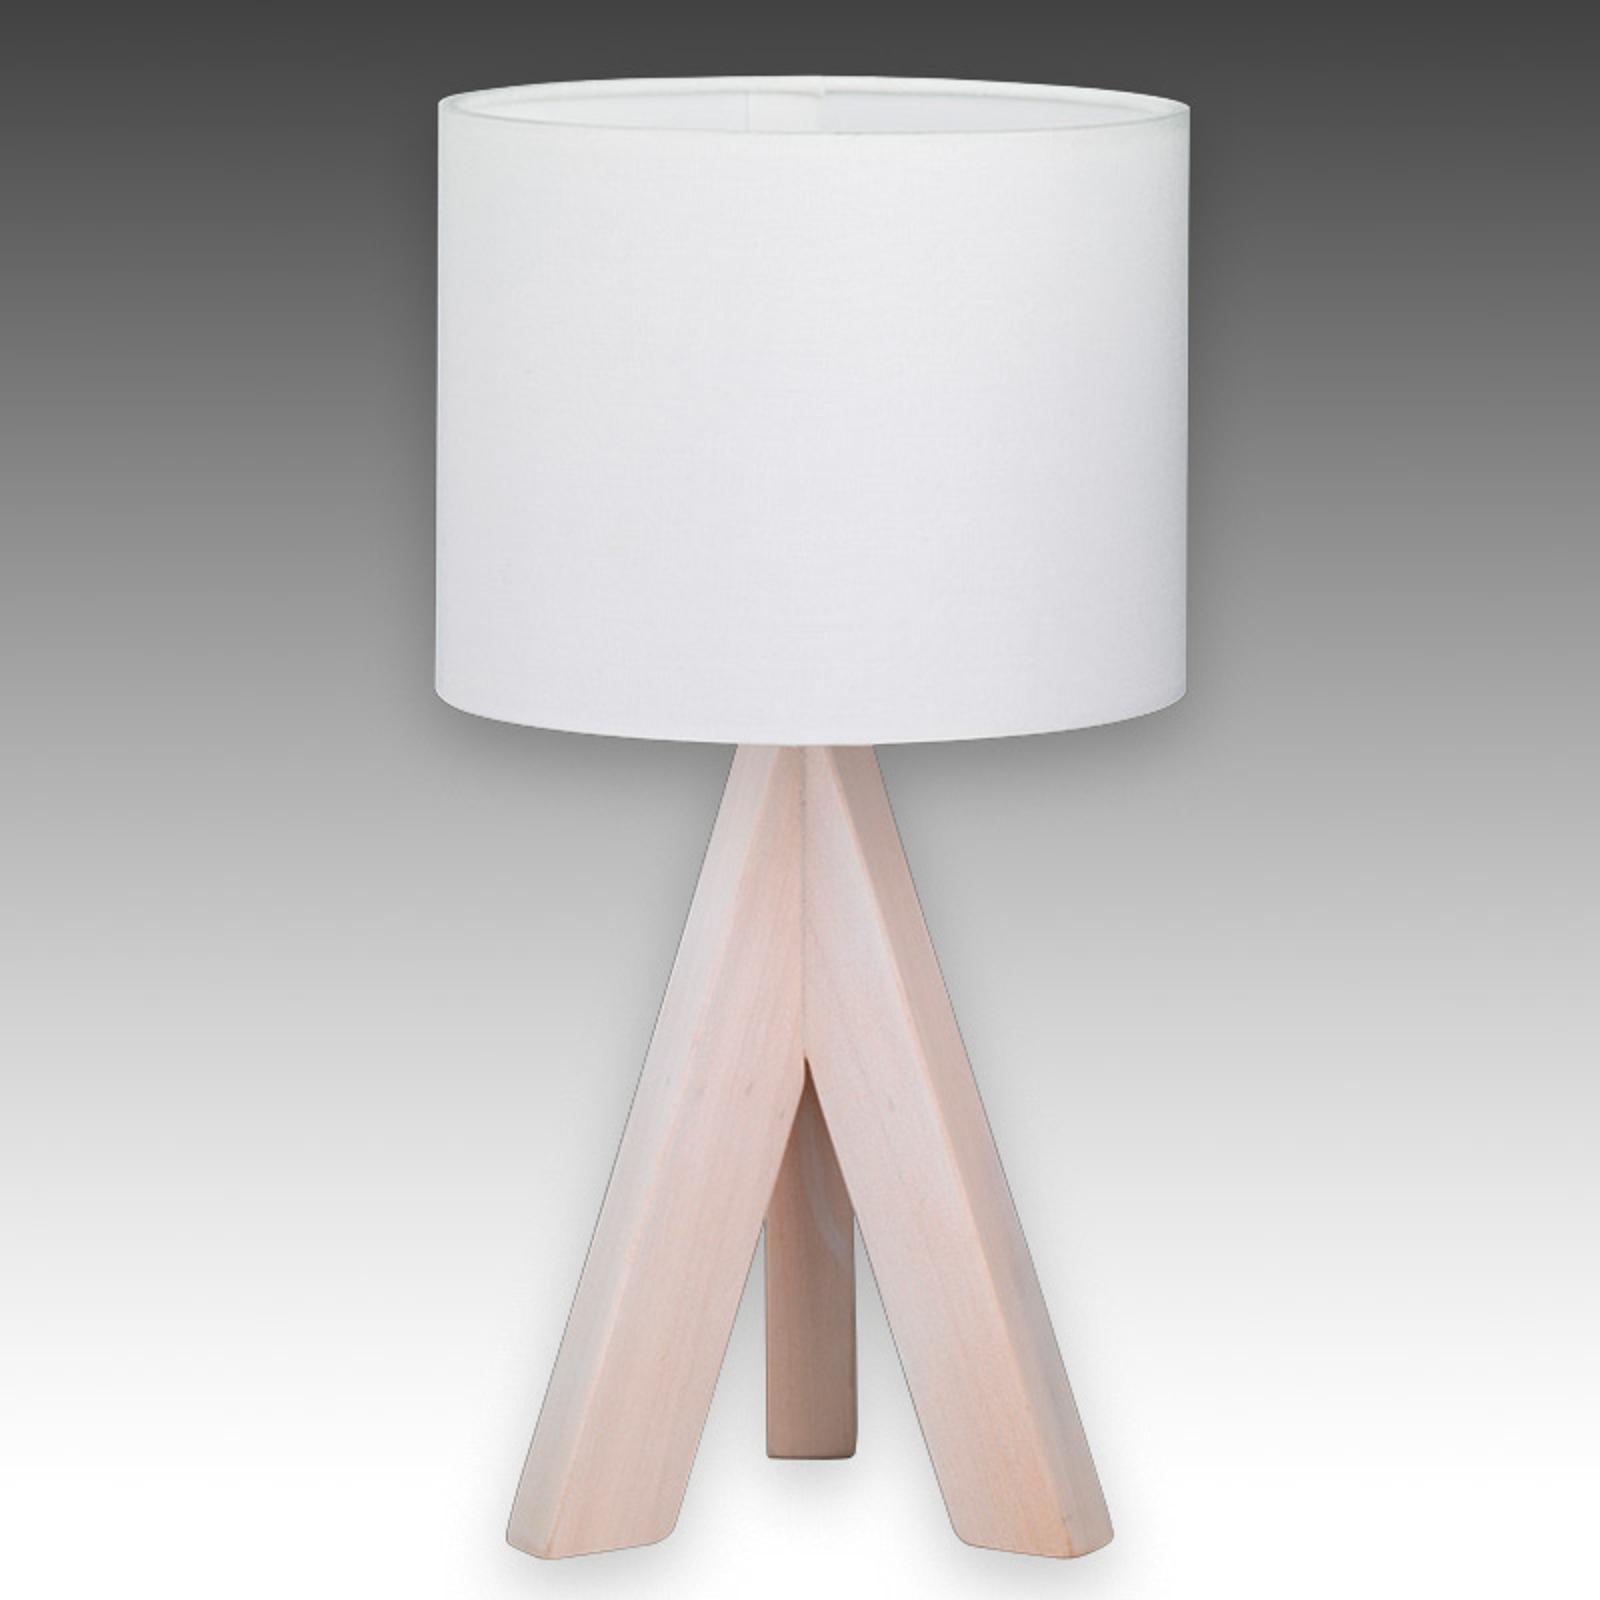 Kolmijalkainen pöytälamppu Ging